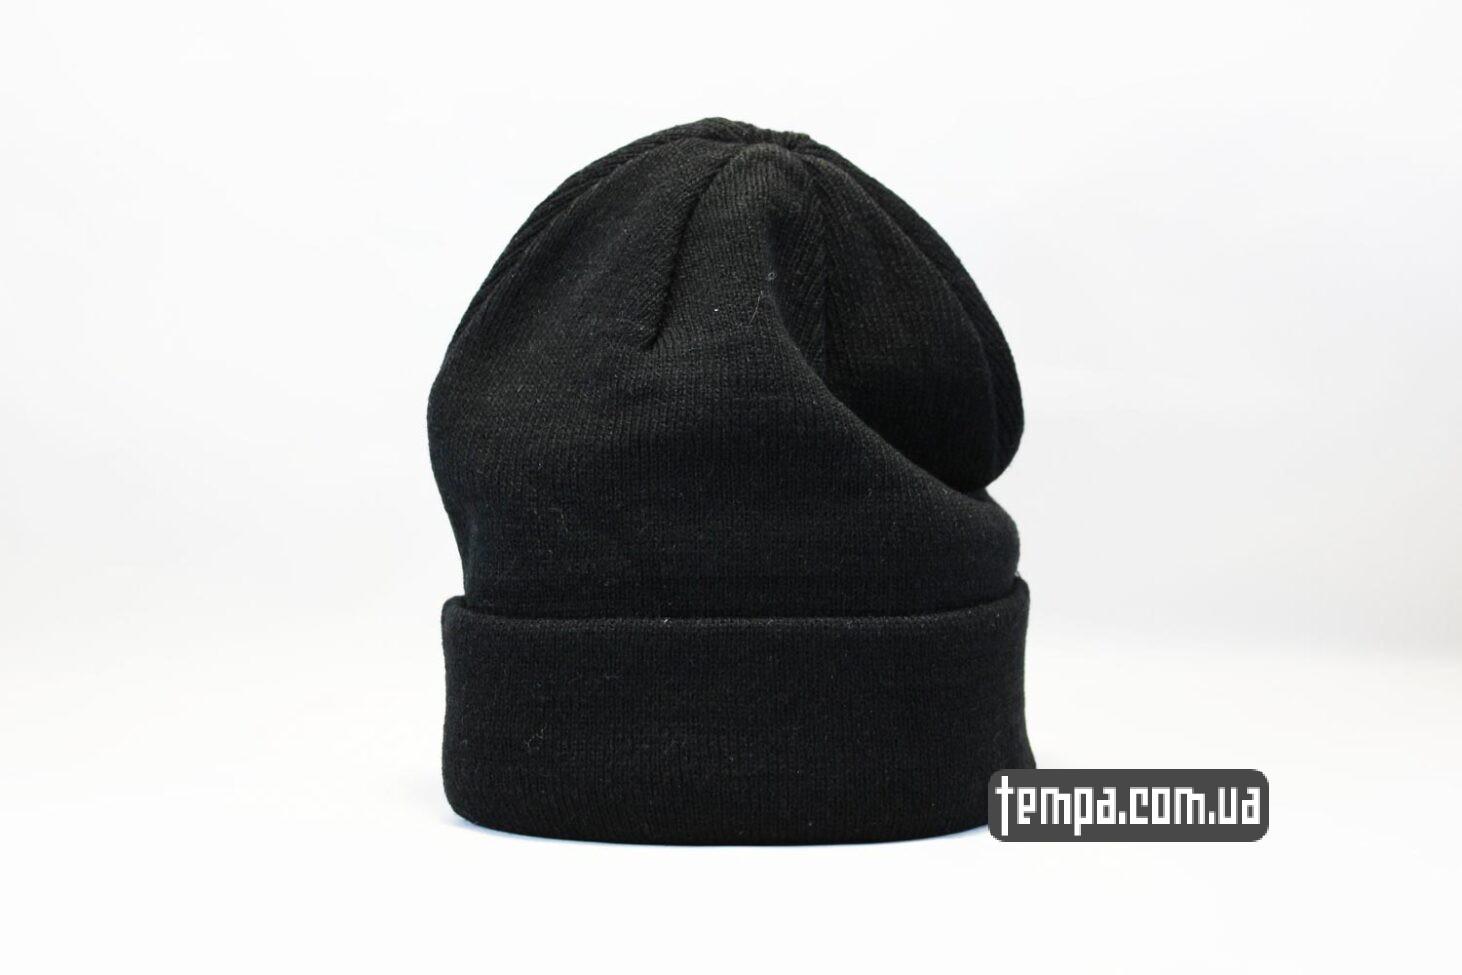 шапка beanie черная однотонная без логотипов asos hm